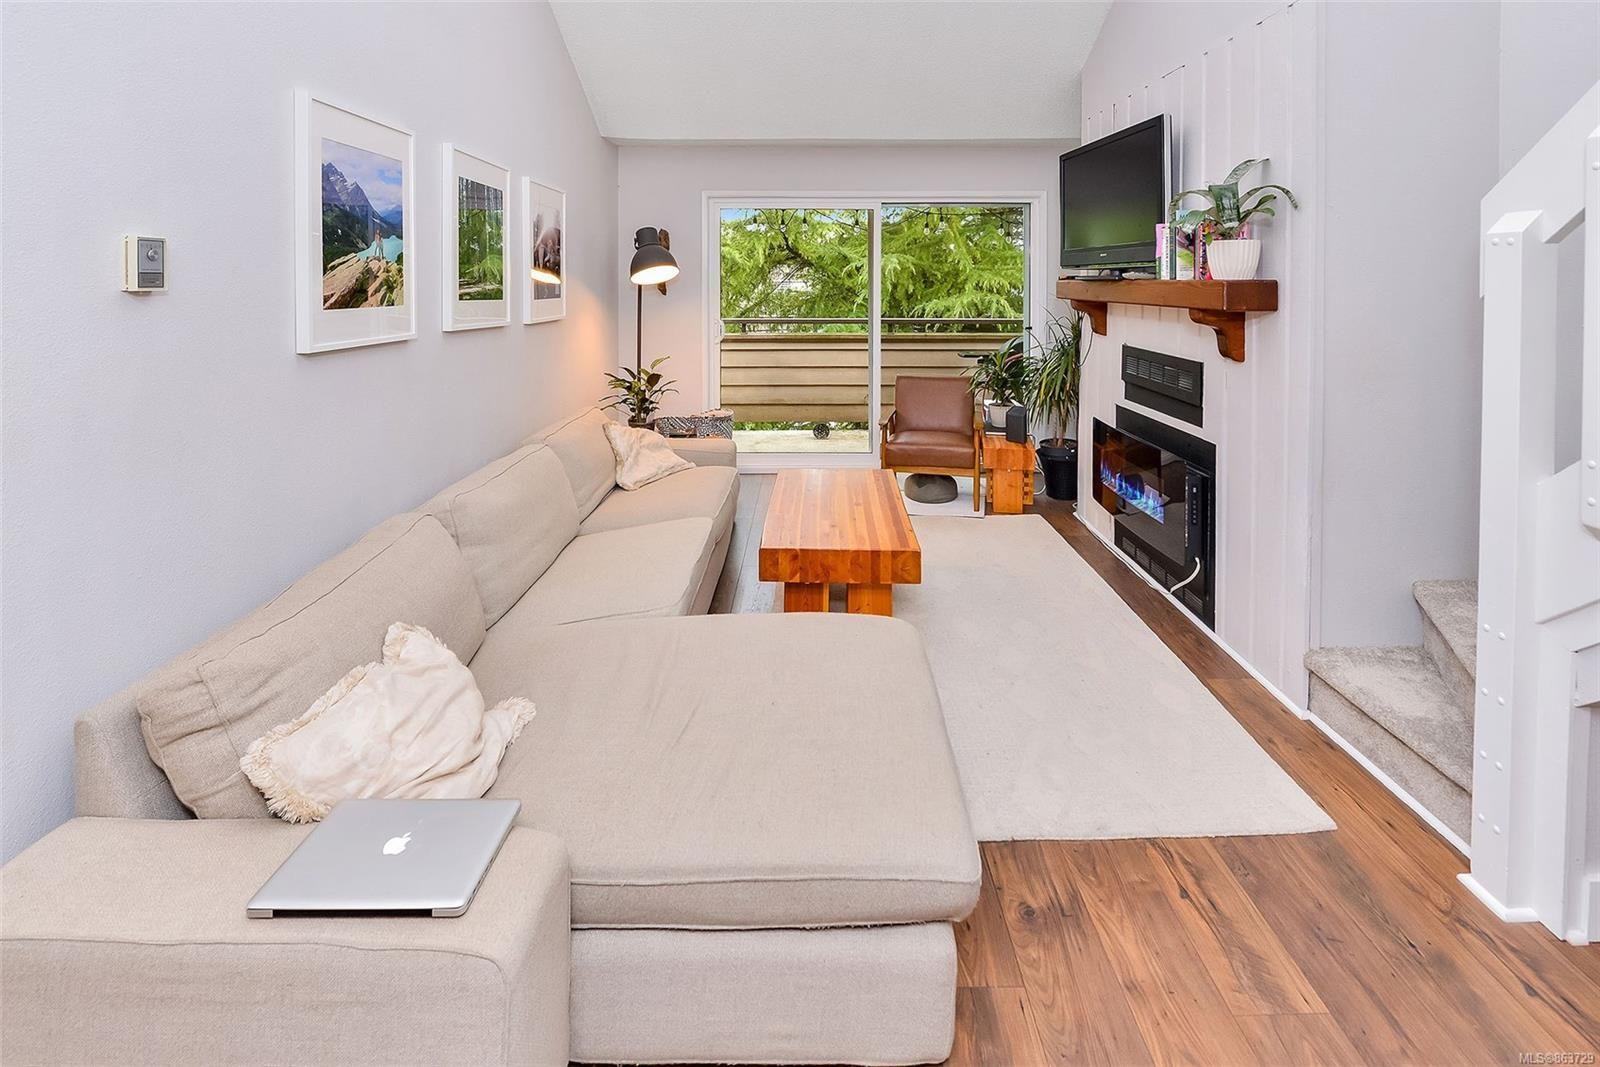 Main Photo: 306 3215 Alder St in : SE Quadra Condo for sale (Saanich East)  : MLS®# 863729